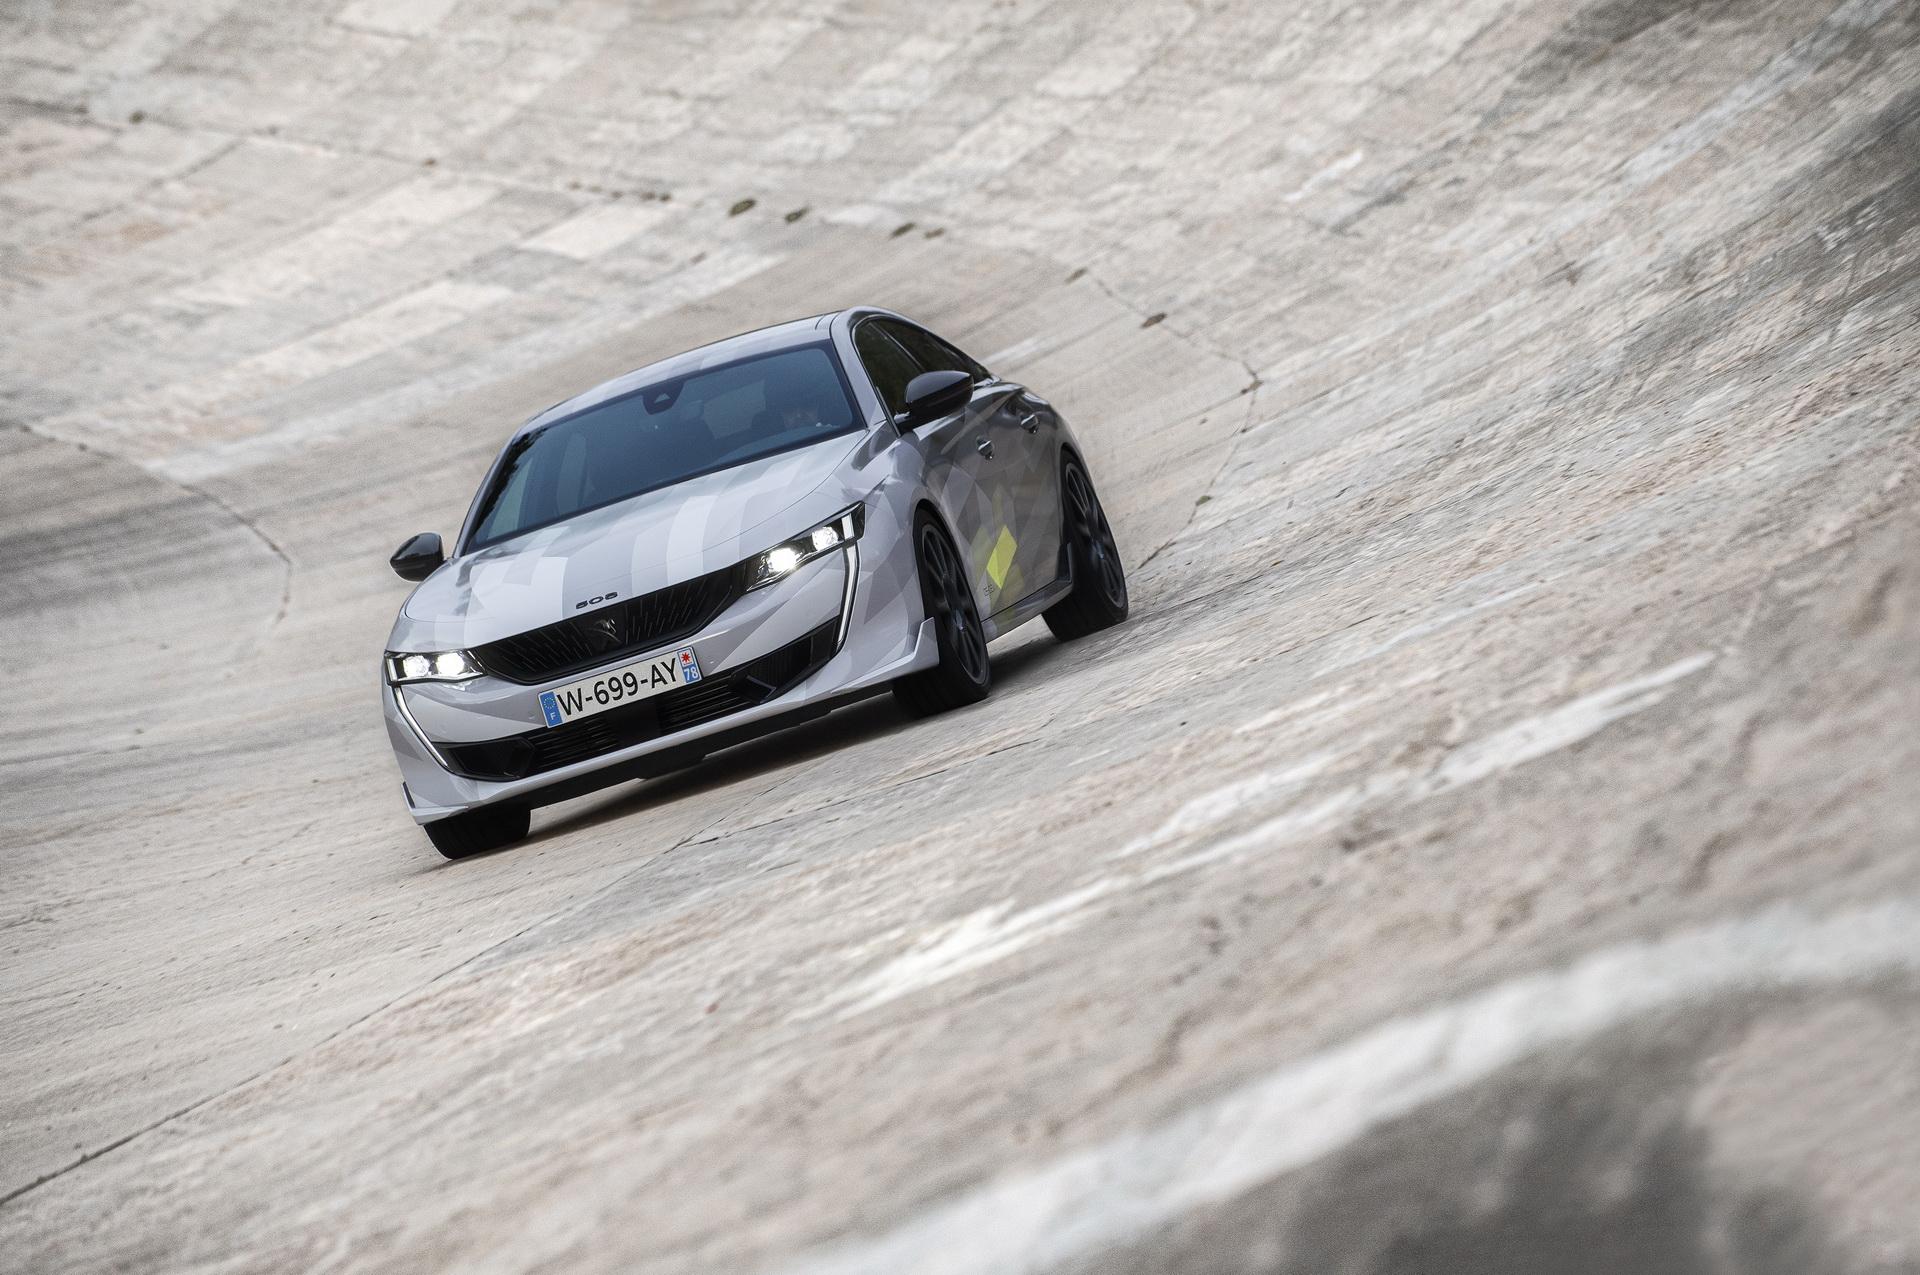 Peugeot, 360 beygirlik yeni canavarını tanıttı: Peugeot 508 PSE